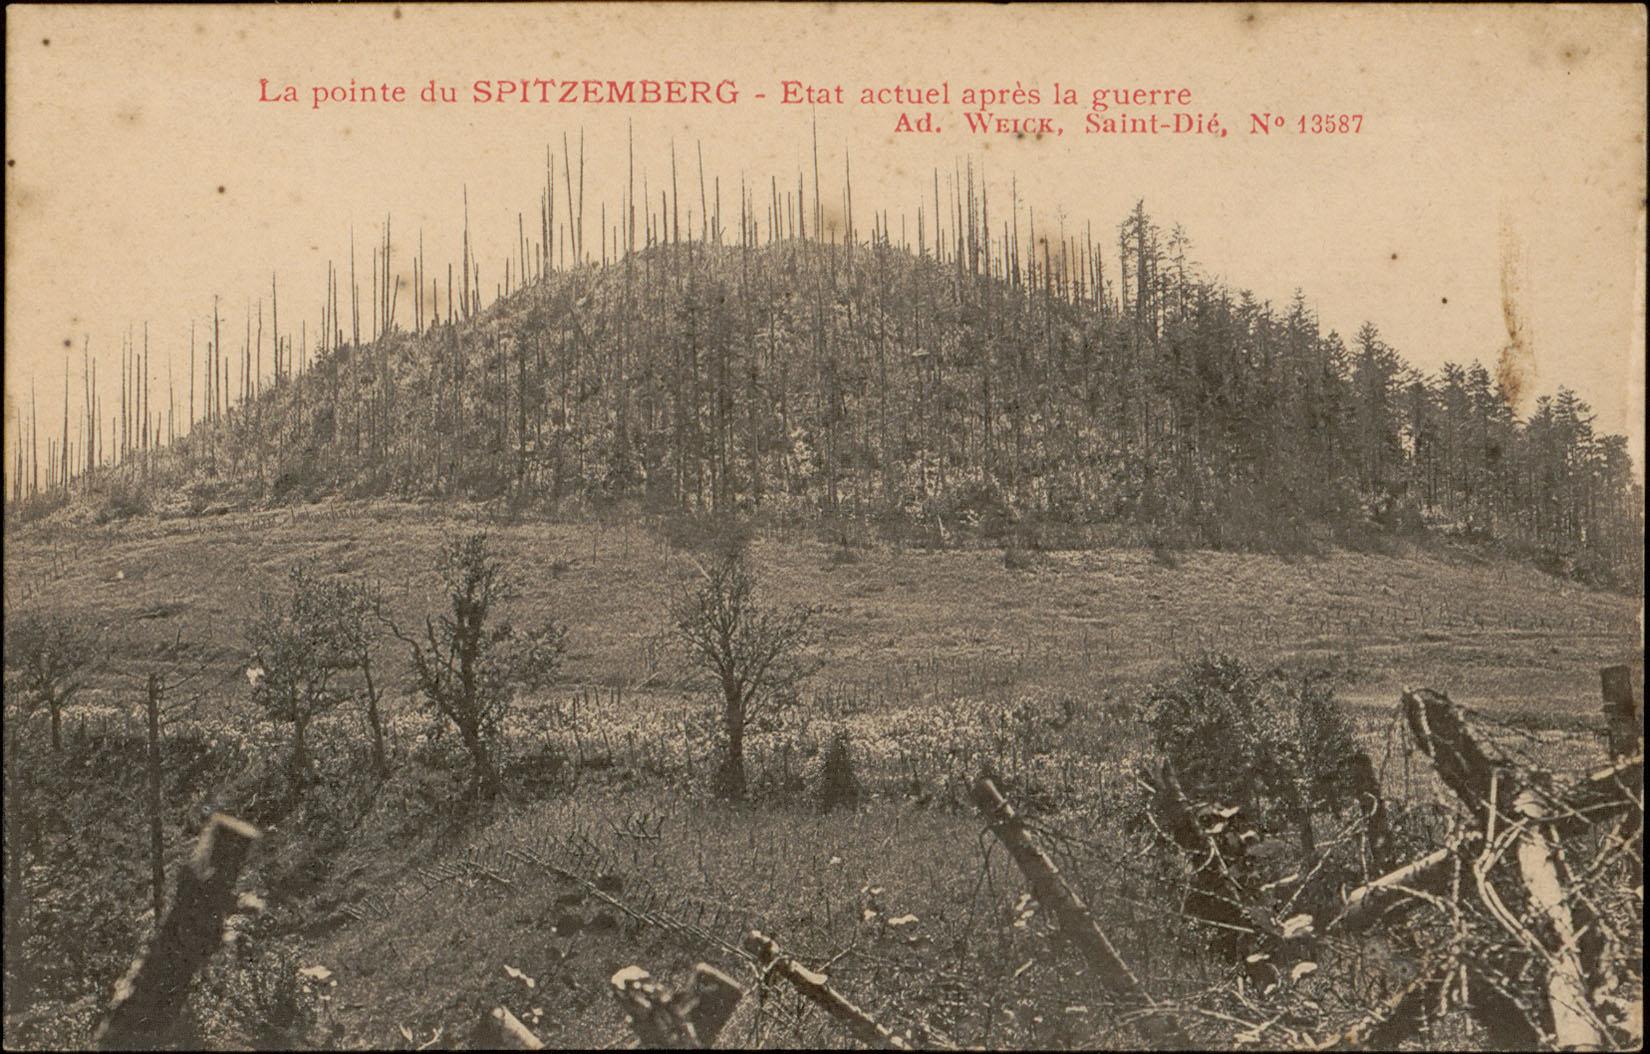 Contenu du La Pointe du Spitzemberg, Etat actuel après la guerre